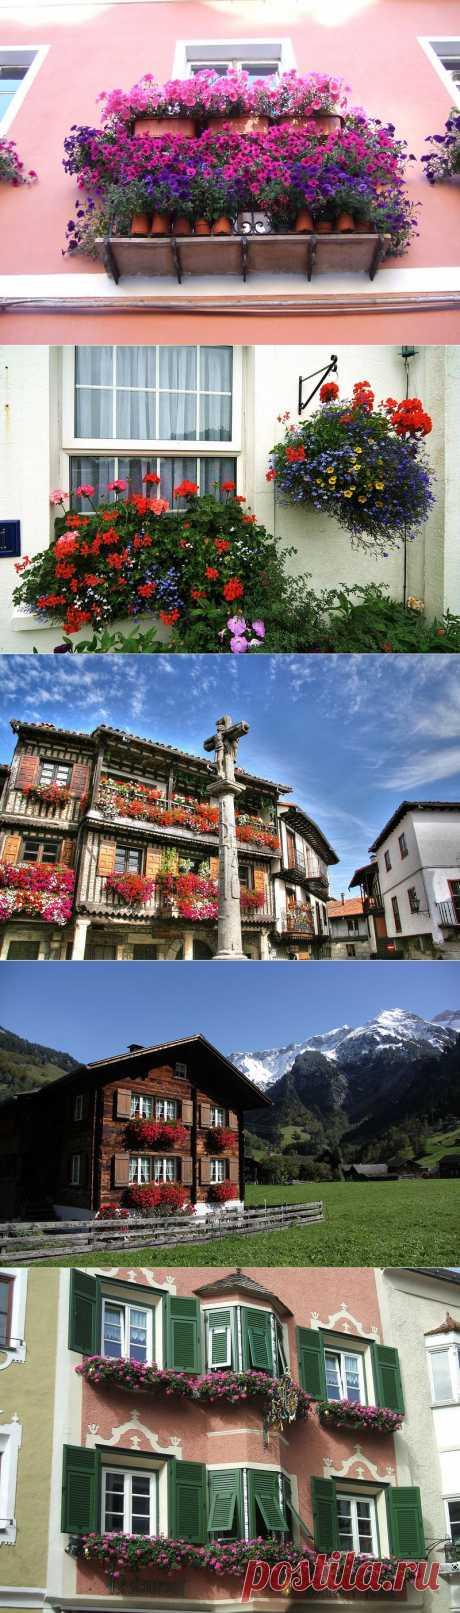 Цветочные балконы и окна   Наш уютный дом